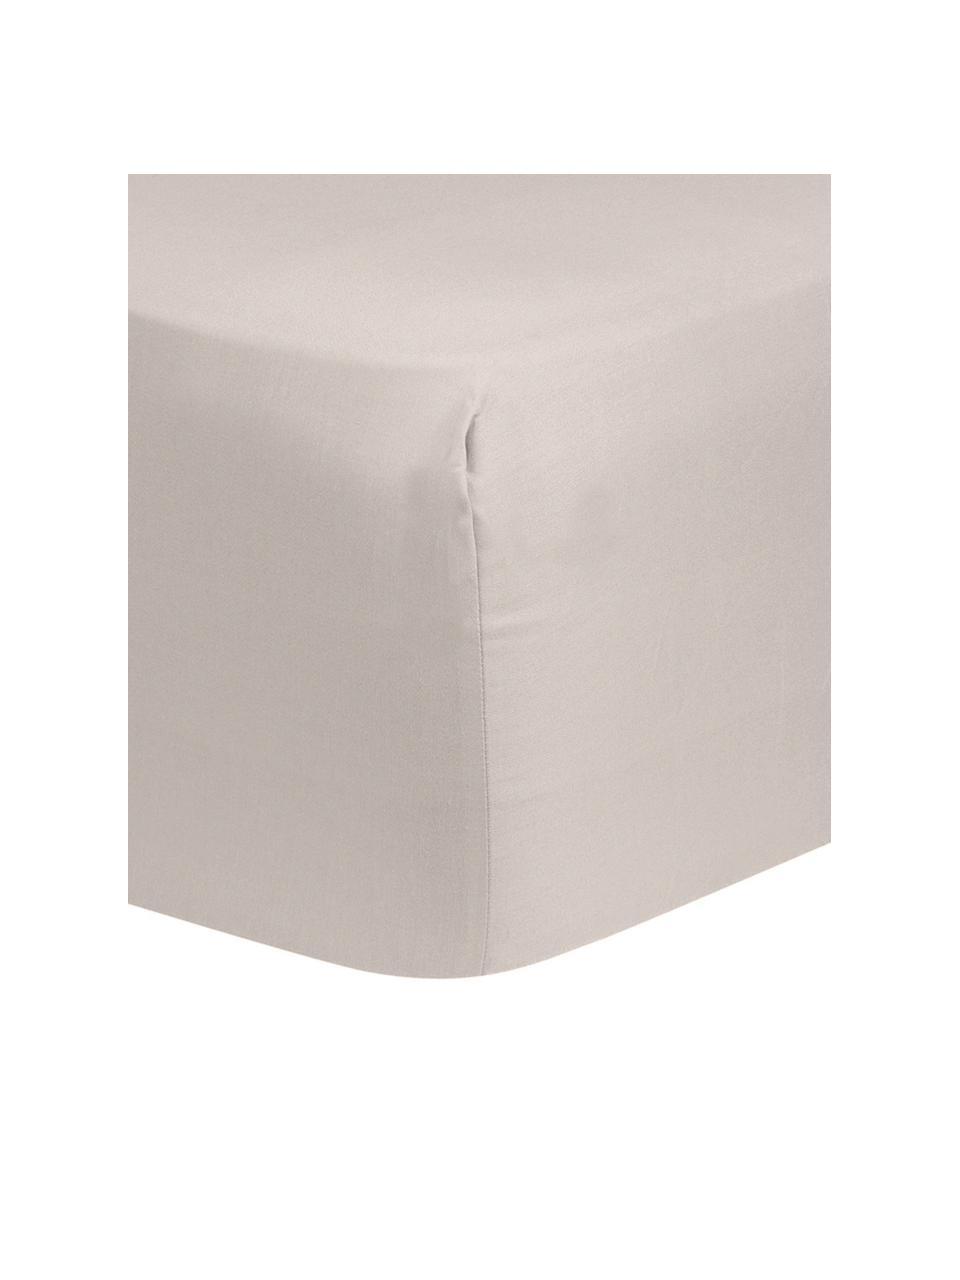 Prześcieradło z gumką z satyny bawełnianej Comfort, Taupe, S 200 x D 200 cm